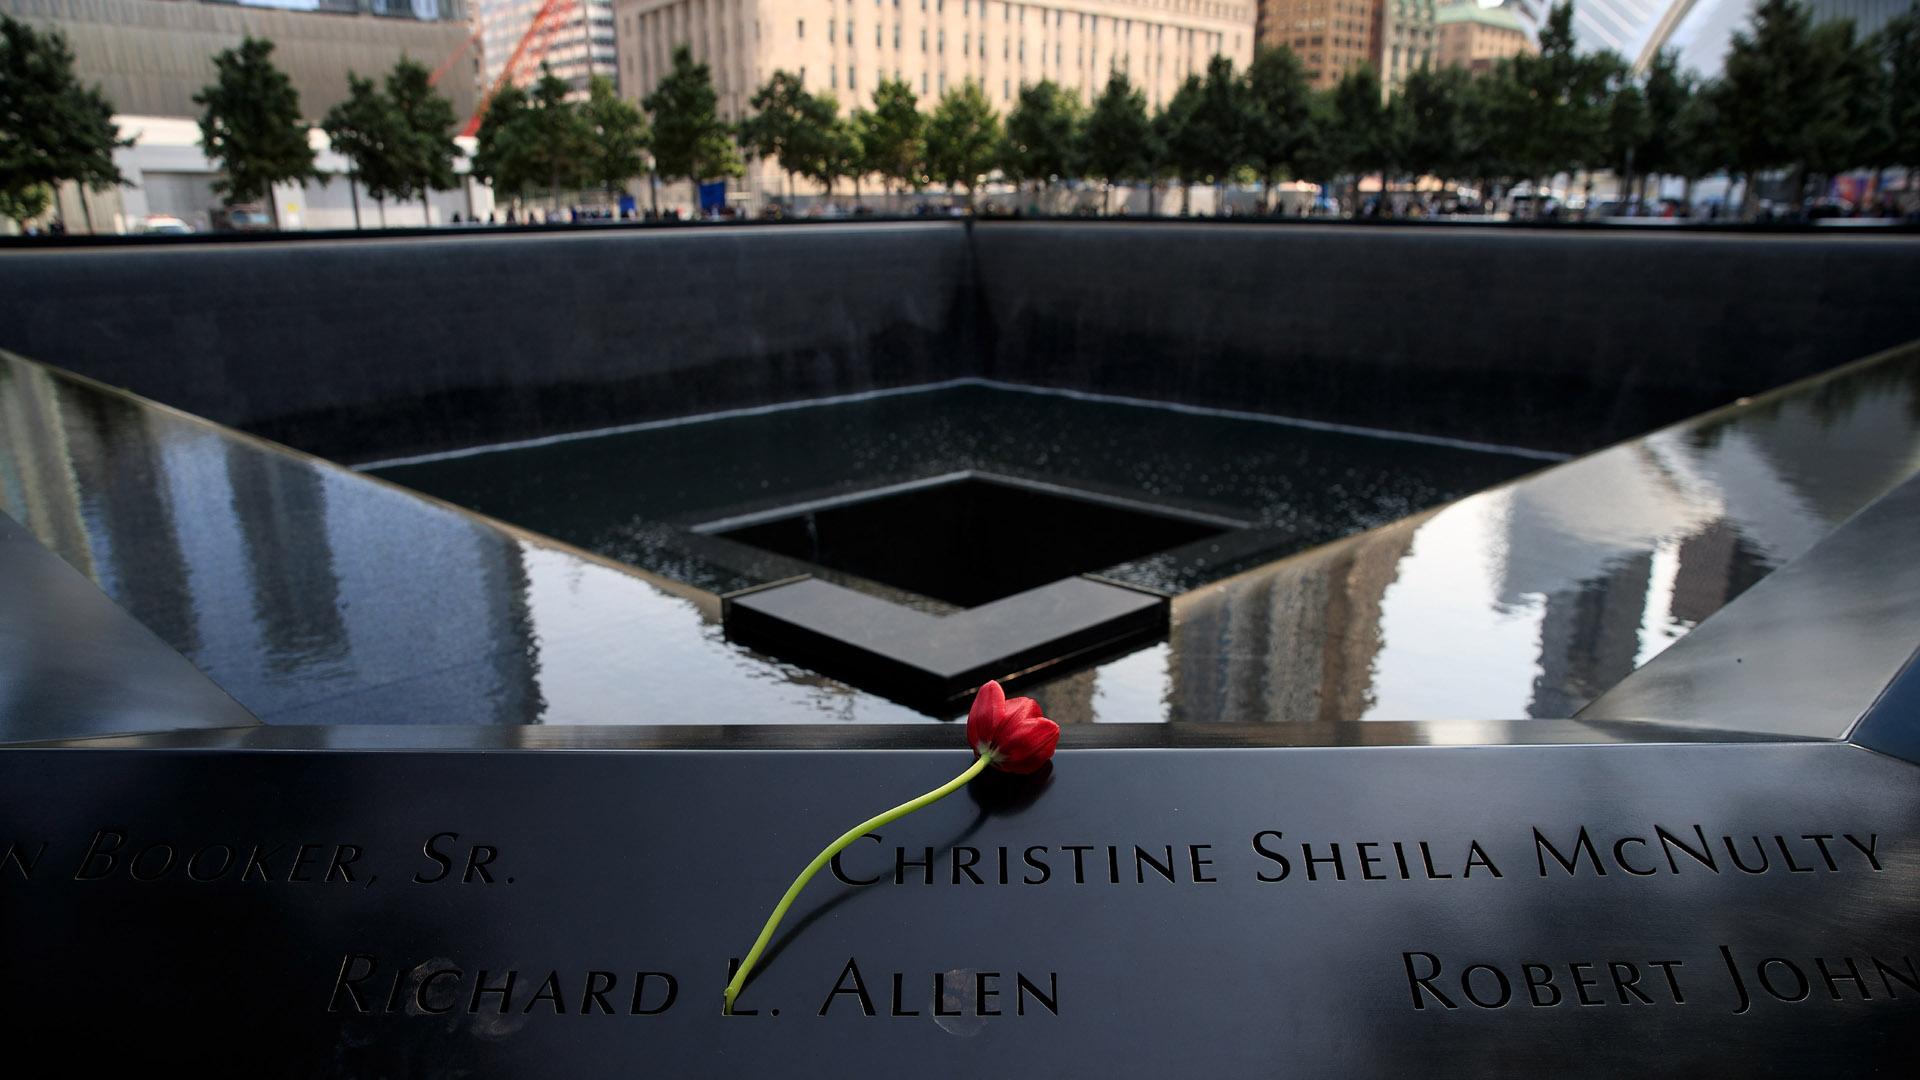 september 11 memorial in new york city73213114-159532